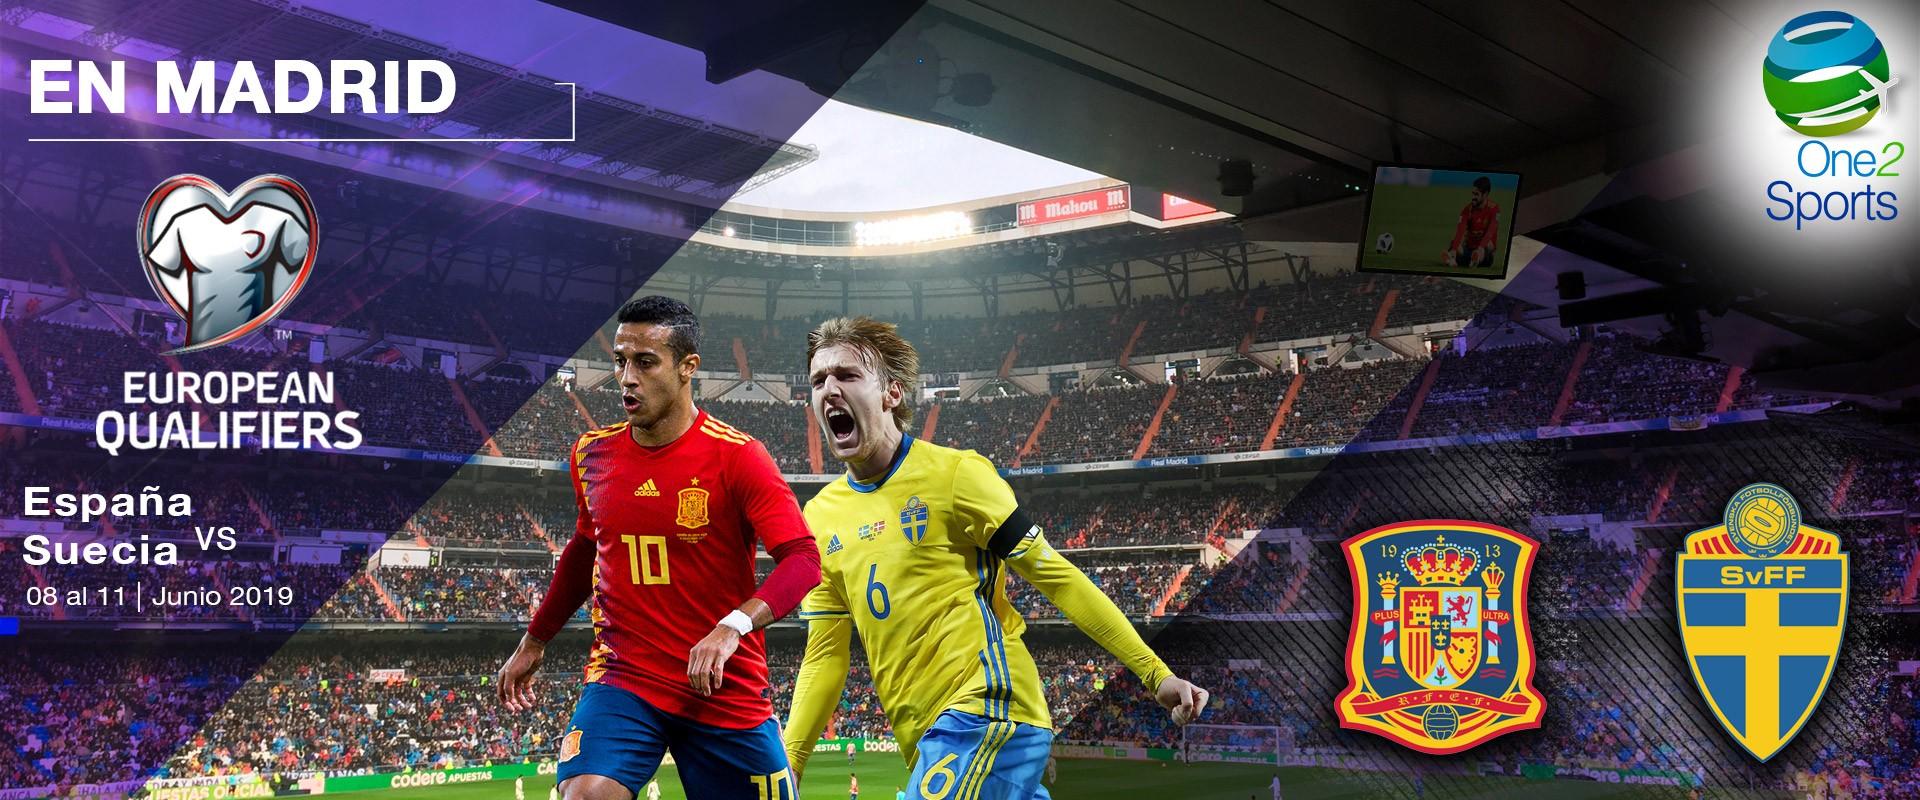 España vs Suecia